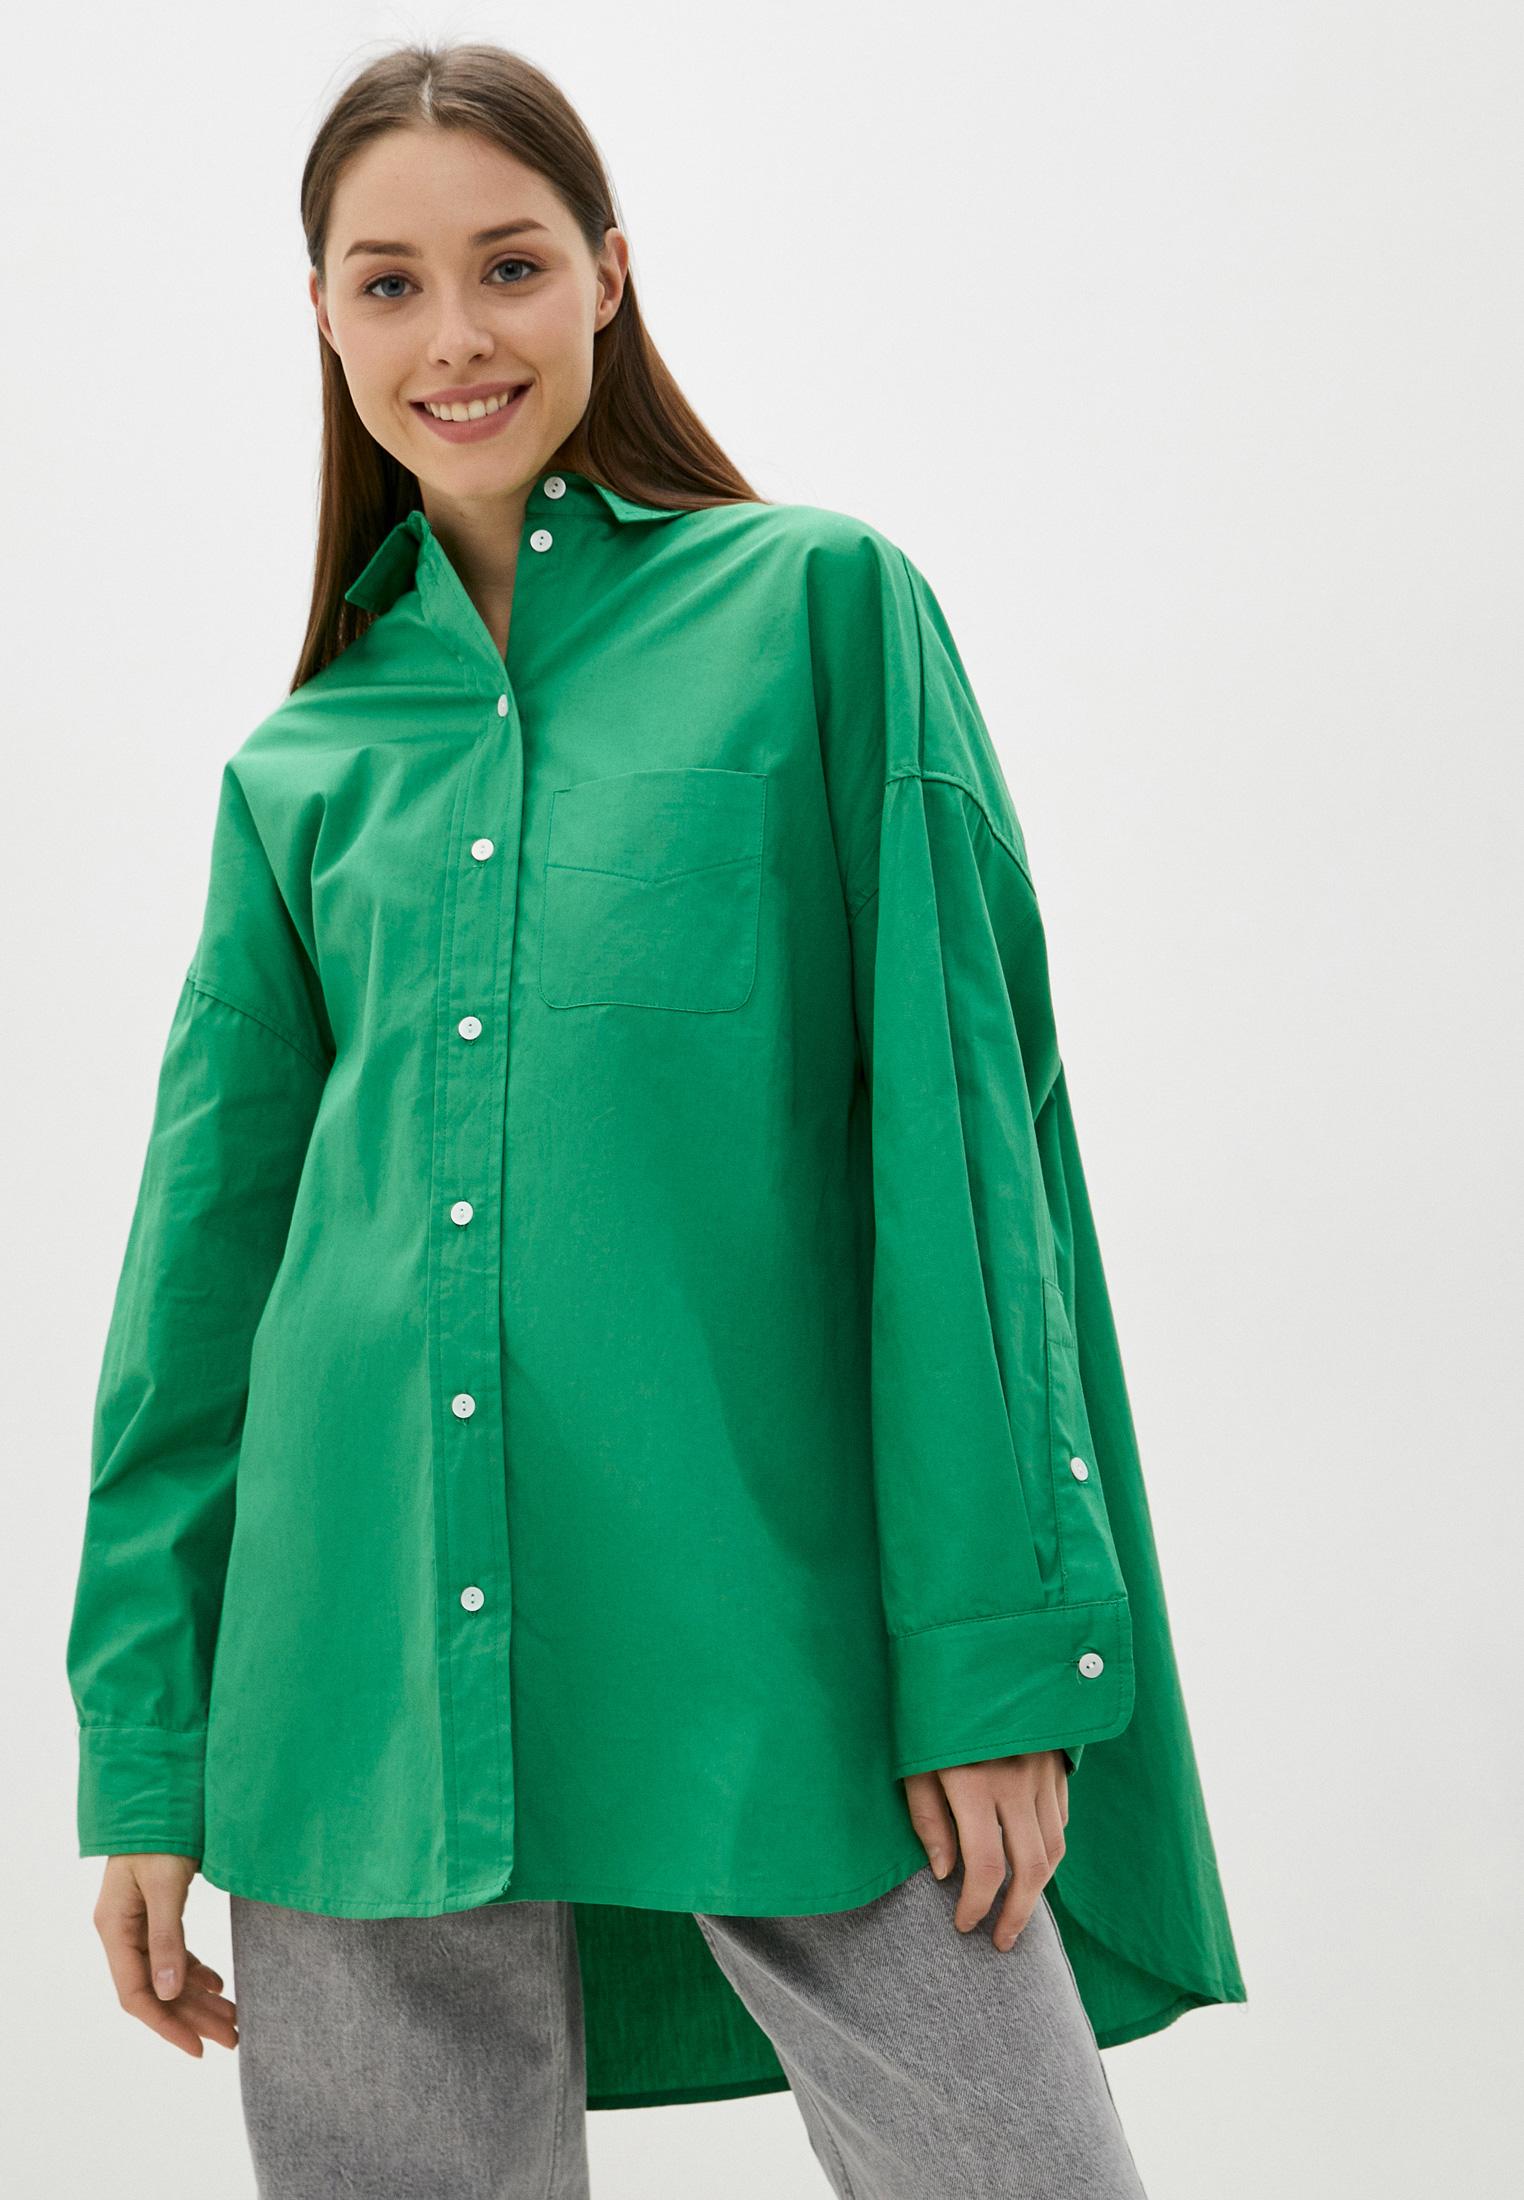 Женские рубашки с длинным рукавом Topshop (Топ Шоп) Рубашка Topshop